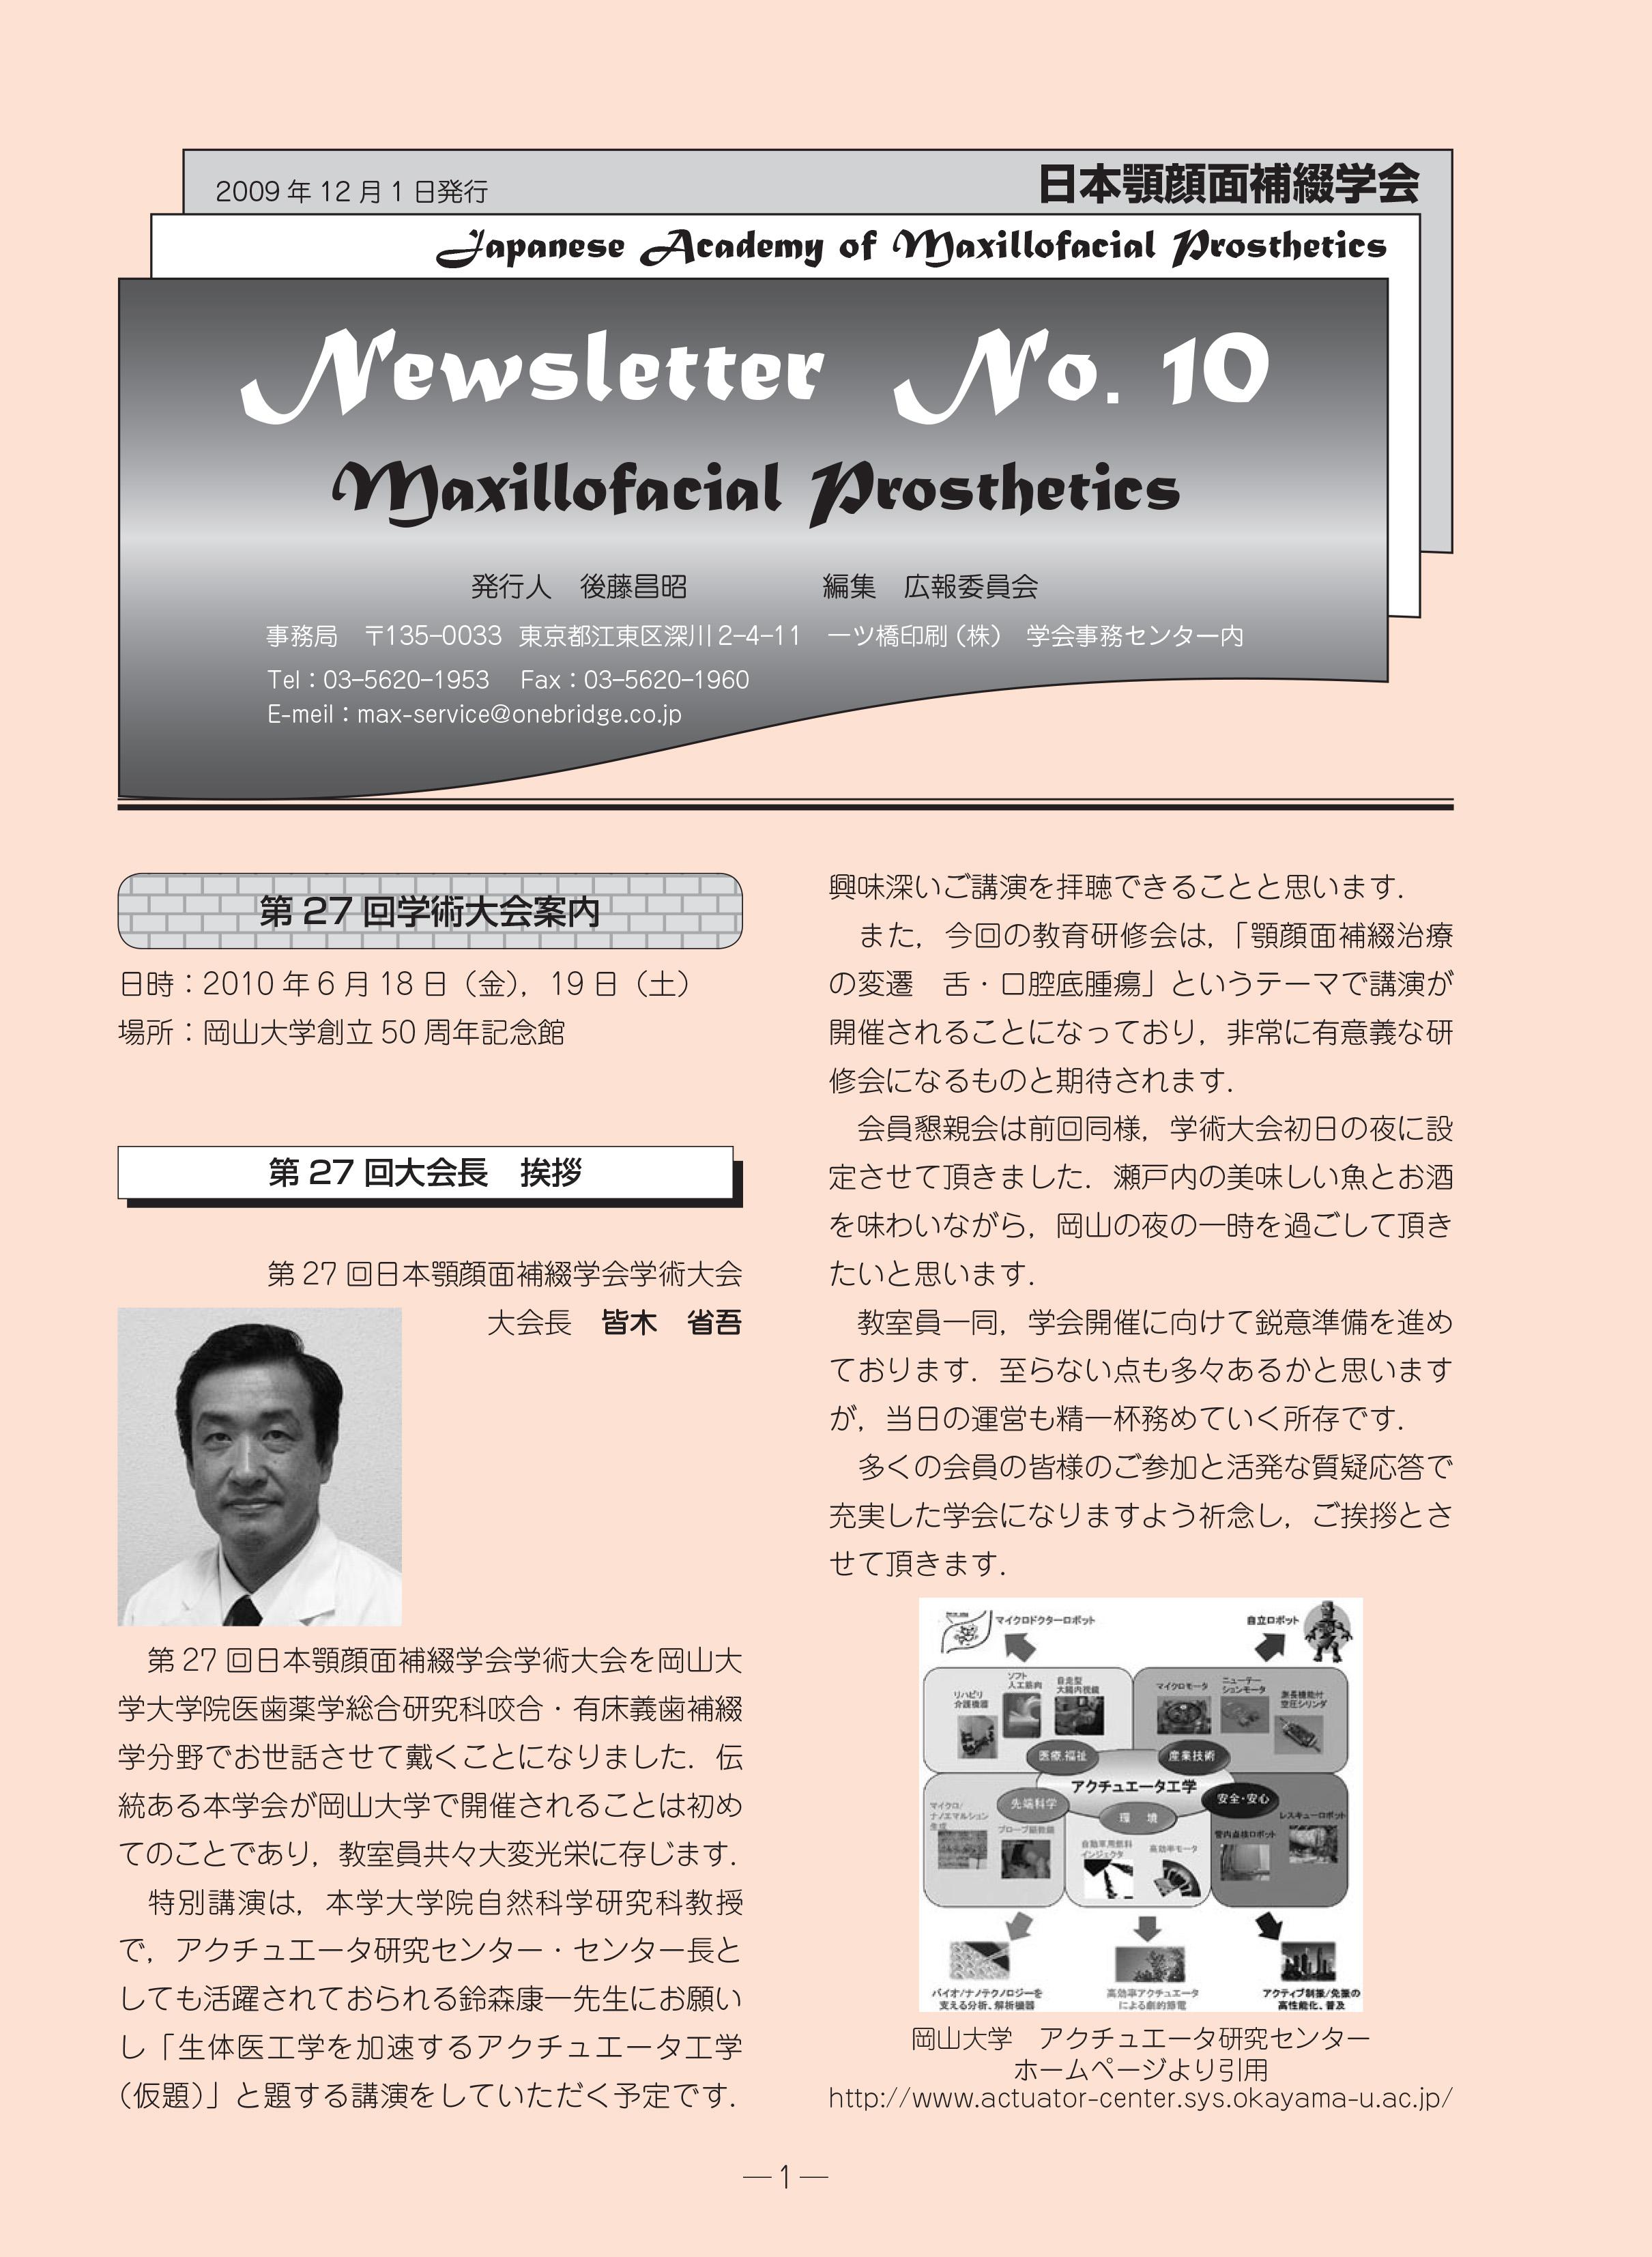 ニュースレター No.10